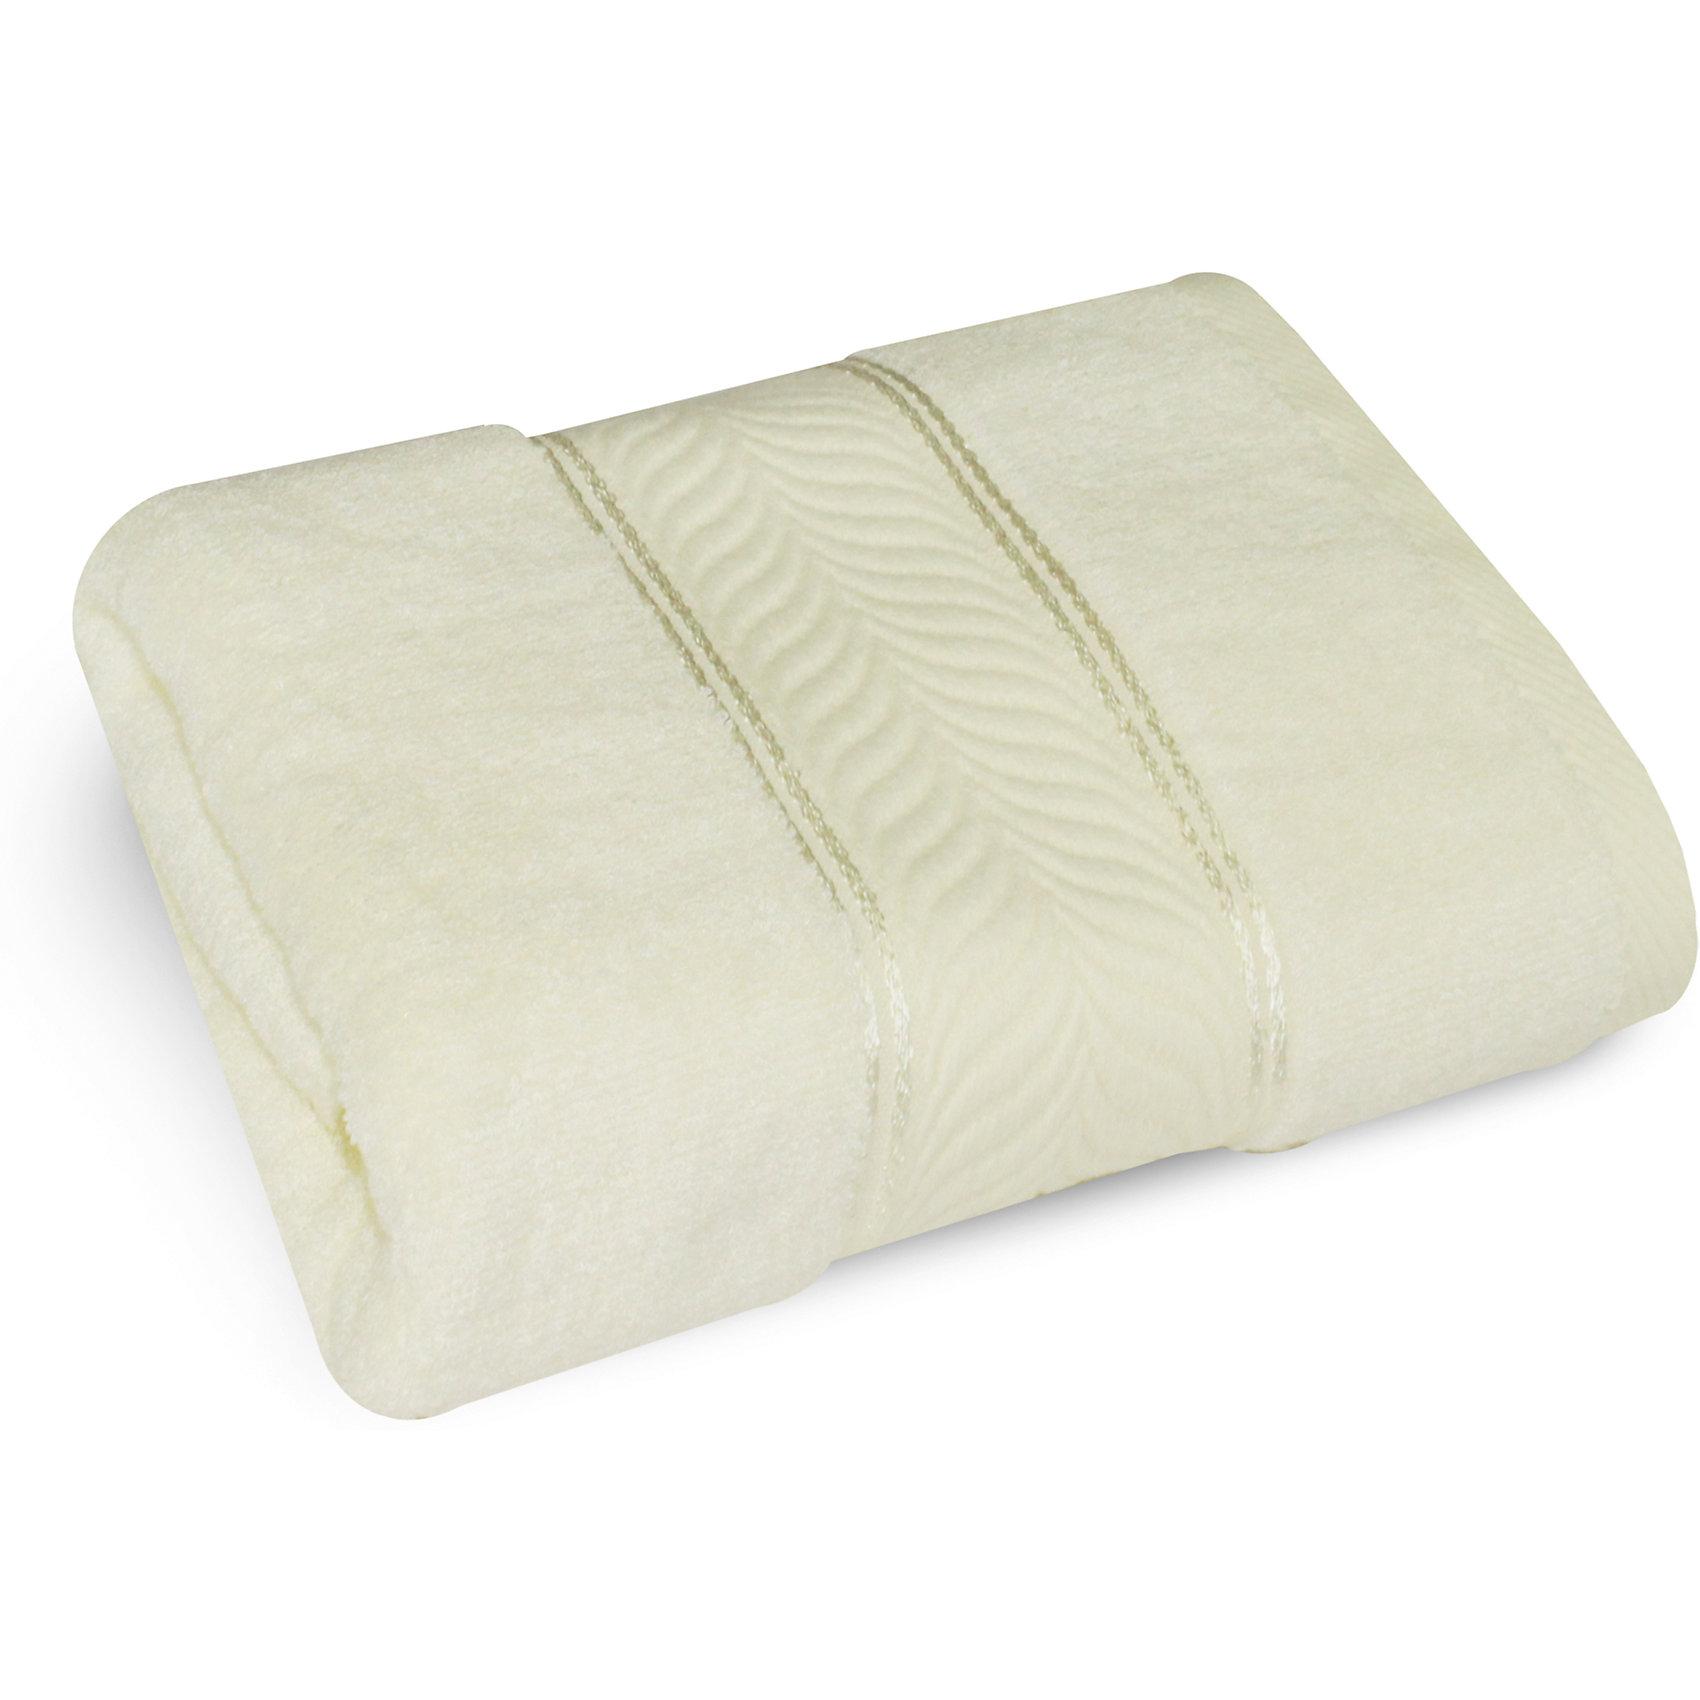 Полотенце махровое 50х100 бамбук, Cozy Home, белыйВанная комната<br>Полотенце махровое 50х100 бамбук, Cozy Home (Кози Хоум), белый<br><br>Характеристики:<br><br>• быстро впитывает влагу<br>• препятствует размножению бактерий<br>• легко отстирывается<br>• размер: 50х100 см<br>• материал: бамбук<br>• бордюр: вискоза<br>• цвет: белый<br><br>Махровое полотенце от Cozy Home изготовлено из экологически чистого материала - бамбука. Оно быстро впитывает большое количество влаги. При этом бамбуковые волокна препятствуют размножению микробов и бактерий. Полотенце очень приятно на ощупь, а также не вызывает раздражения на коже. Оно отлично подойдет даже для новорожденных. Полотенце очень неприхотливо в уходе. Достаточно постирать его при температуре 30-40? или вручную с мылом. Приятный дизайн полотенца понравится каждому. Бордюр из вискозы придает полотенцу особенную нежность и изысканность. Это полотенце подарит вам комфорт и уют, радуя своей мягкостью.<br><br>Полотенце махровое 50х100 бамбук, Cozy Home (Кози Хоум), белый можно купить в нашем интернет-магазине.<br><br>Ширина мм: 150<br>Глубина мм: 250<br>Высота мм: 150<br>Вес г: 250<br>Возраст от месяцев: 0<br>Возраст до месяцев: 216<br>Пол: Унисекс<br>Возраст: Детский<br>SKU: 5355296